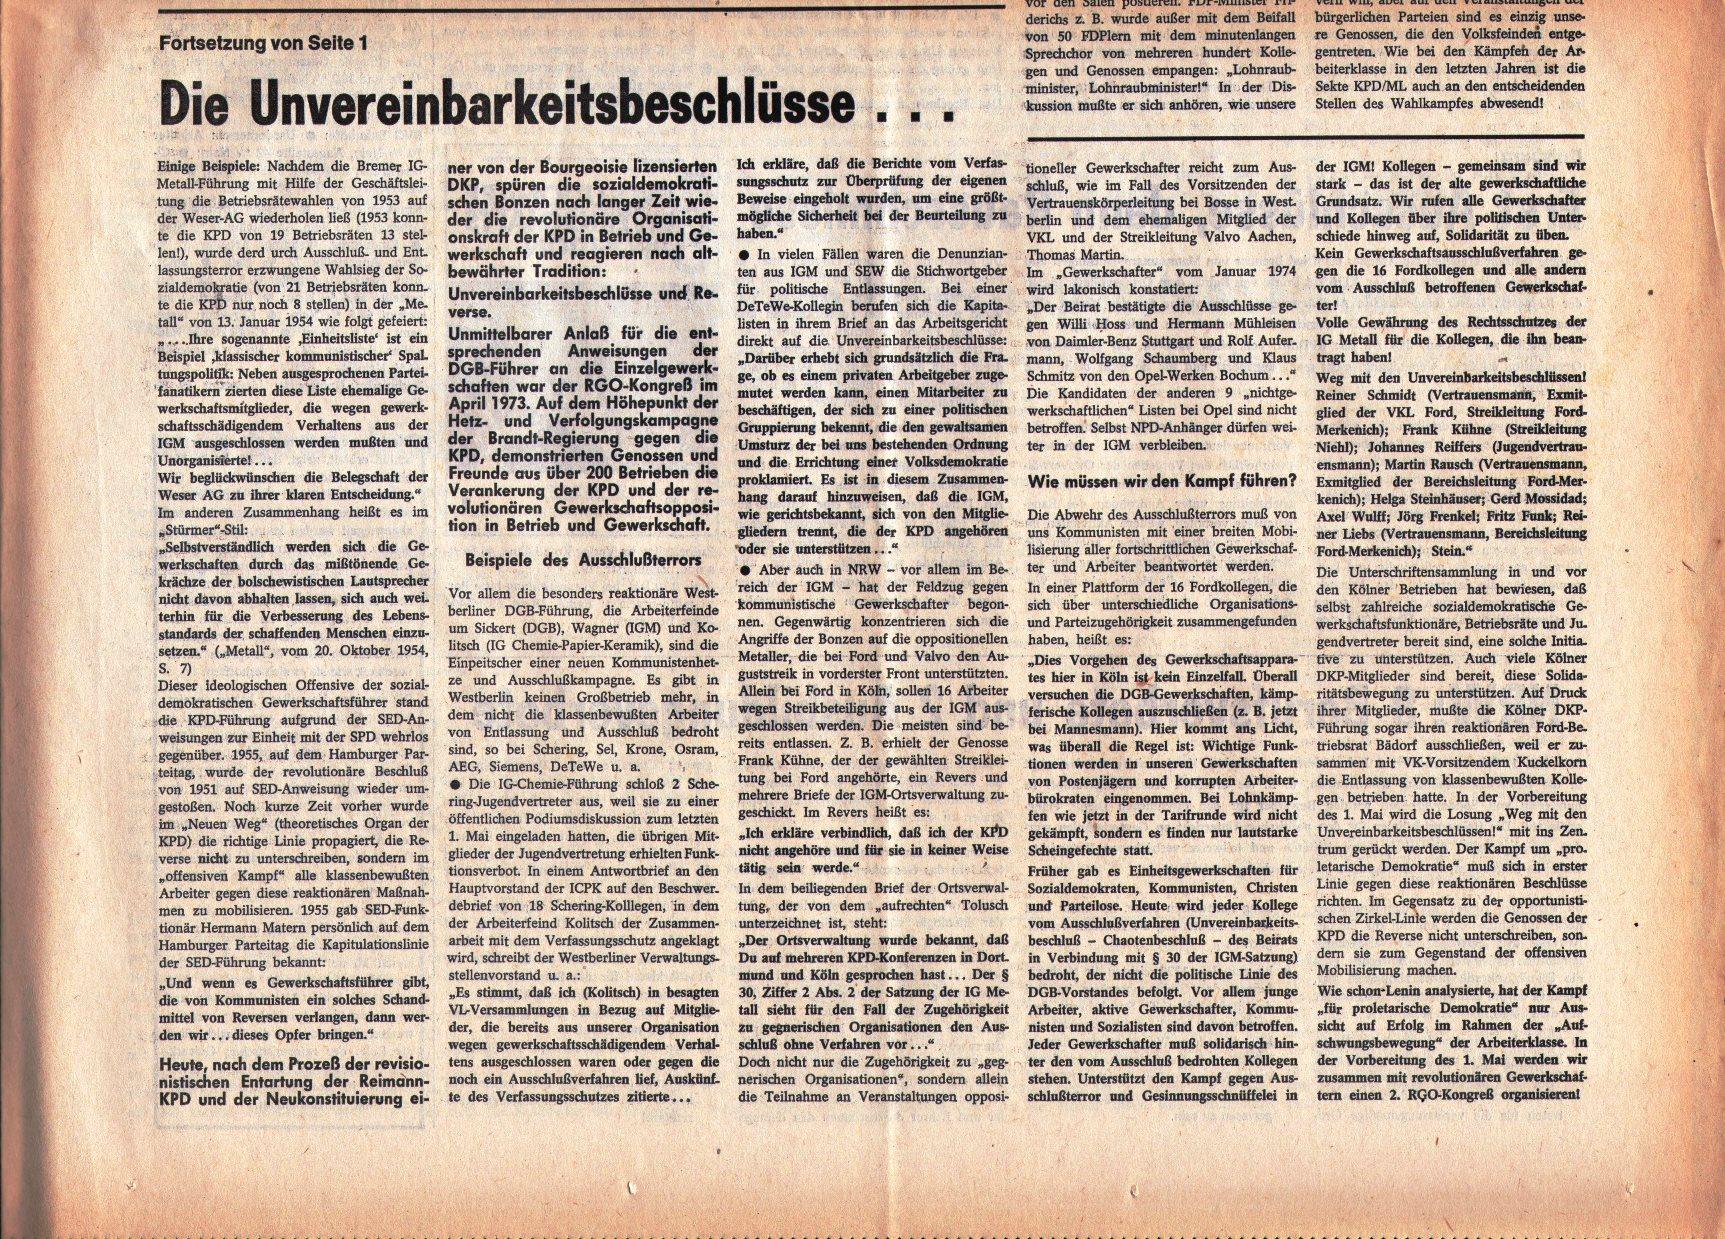 KPD_Rote_Fahne_1974_09_06